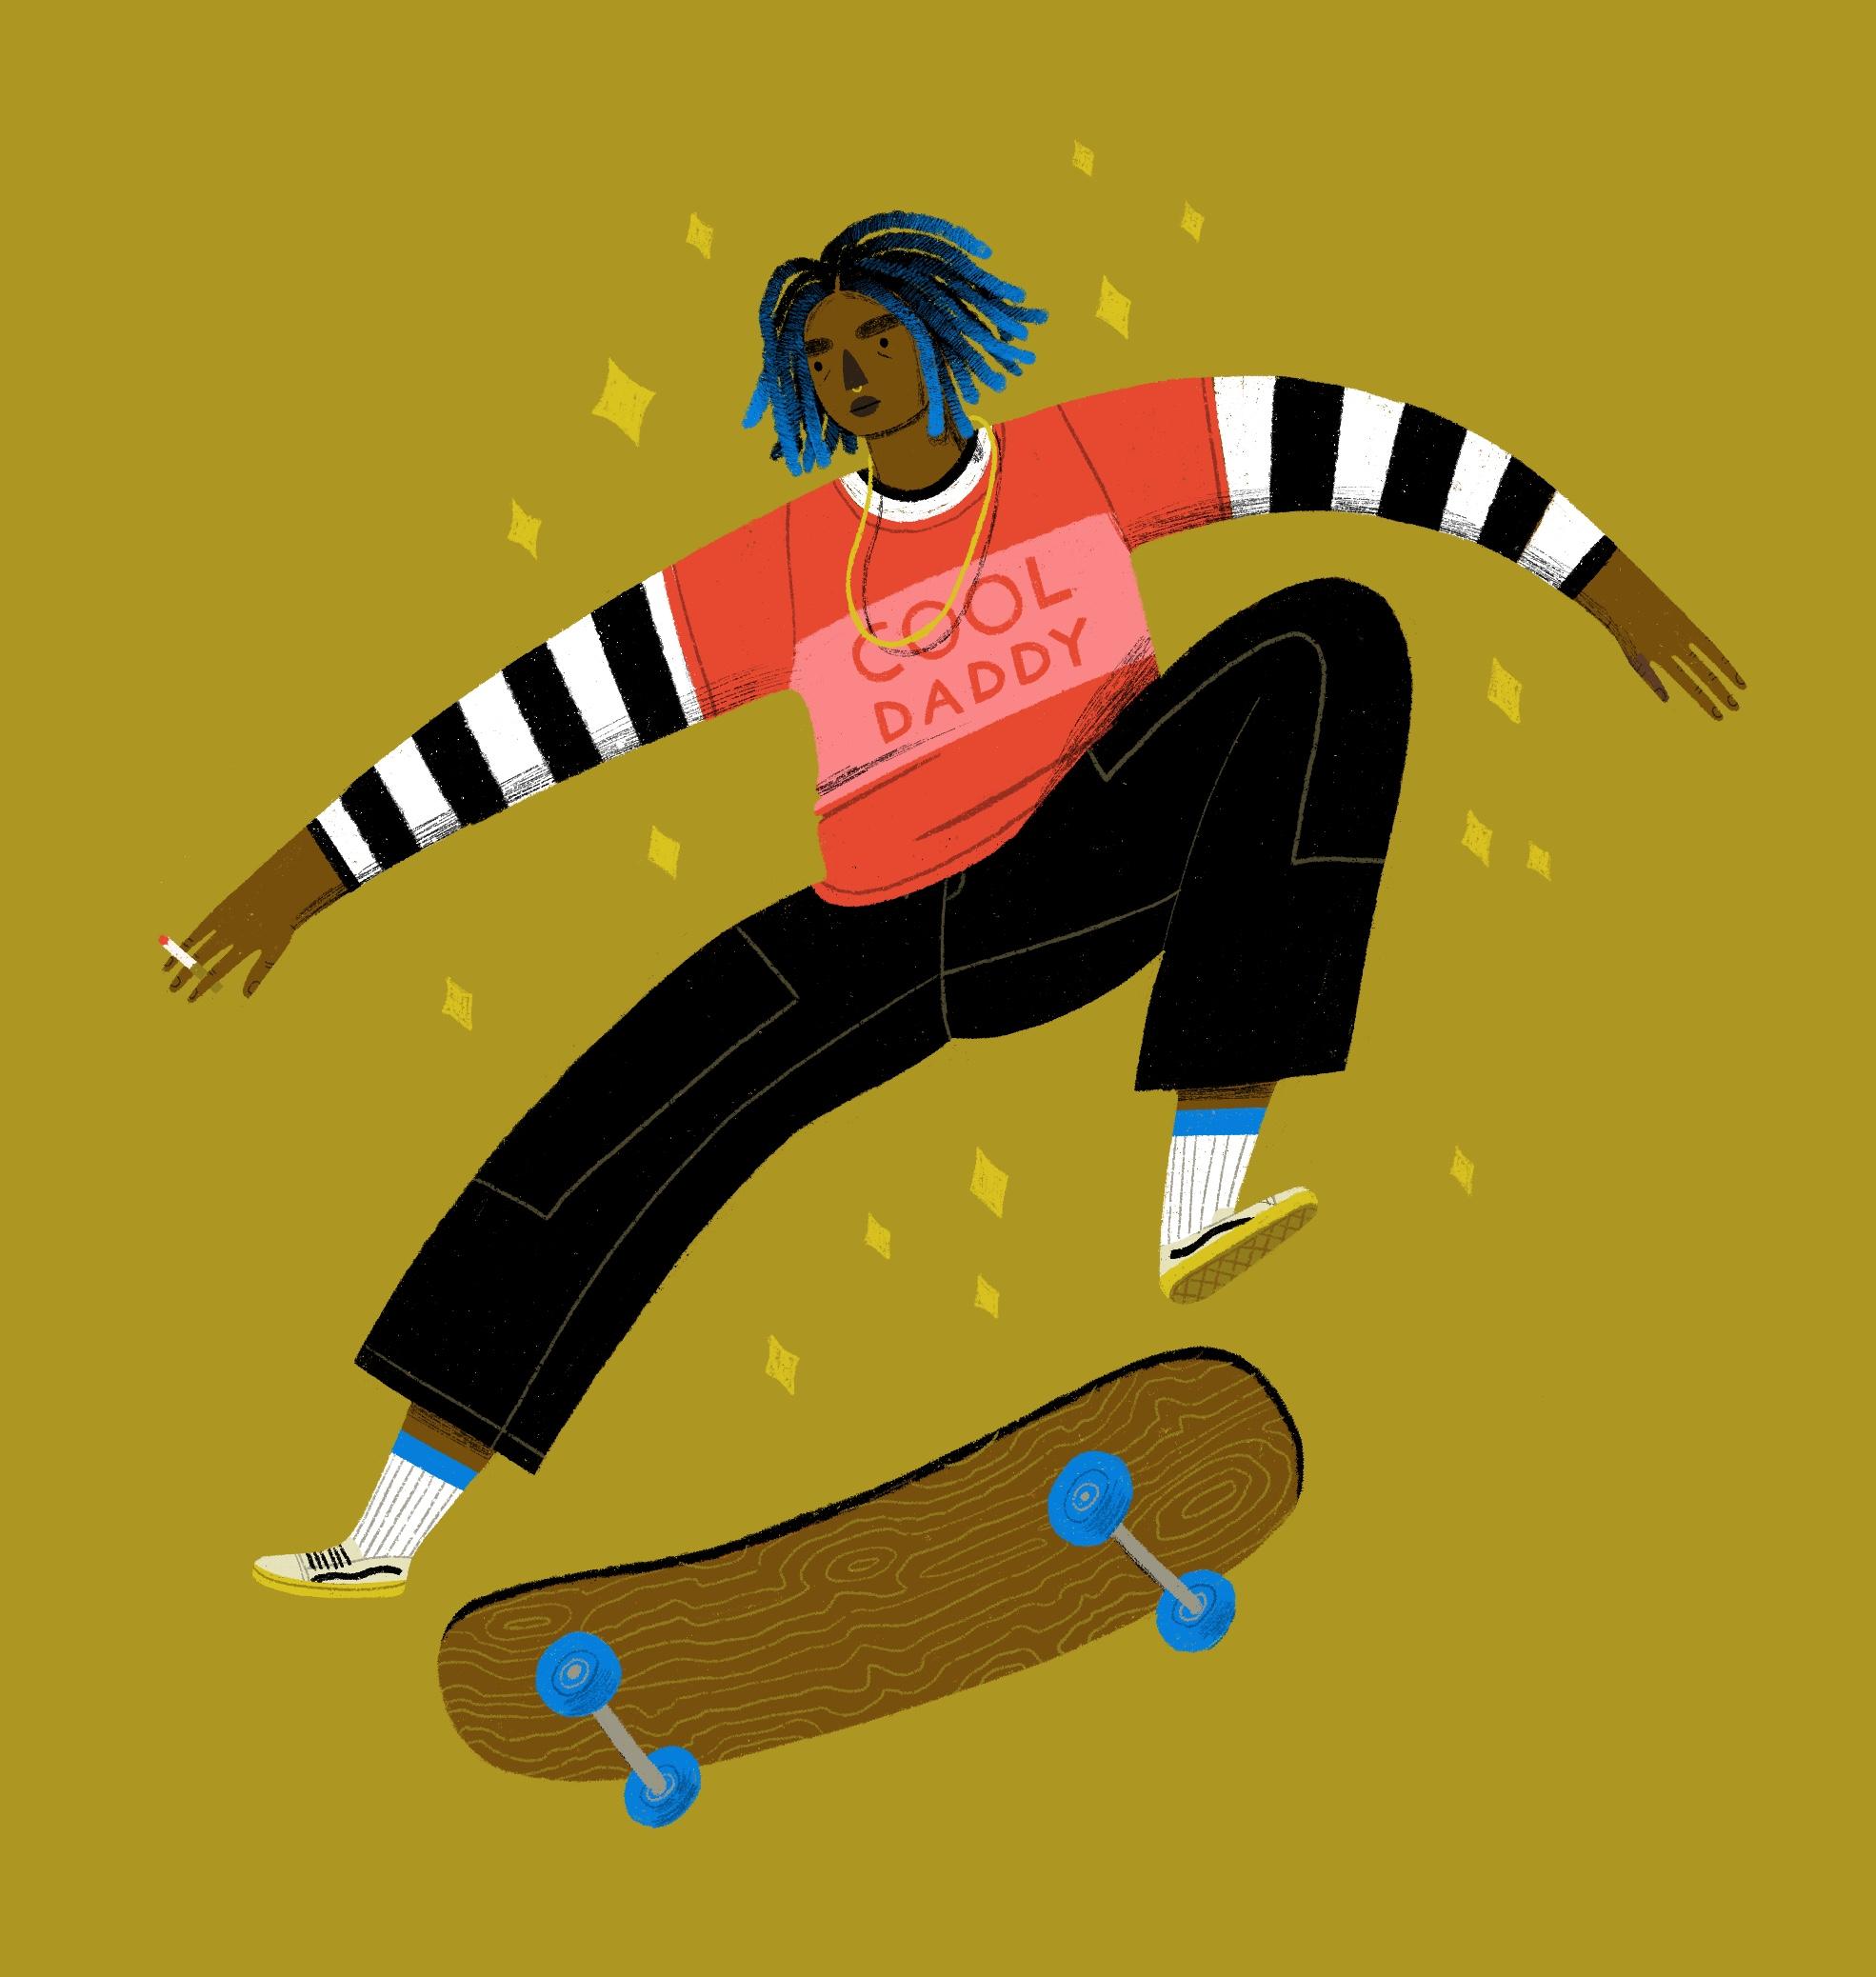 Skater_Dude_MelissaLeeJohnson.JPG